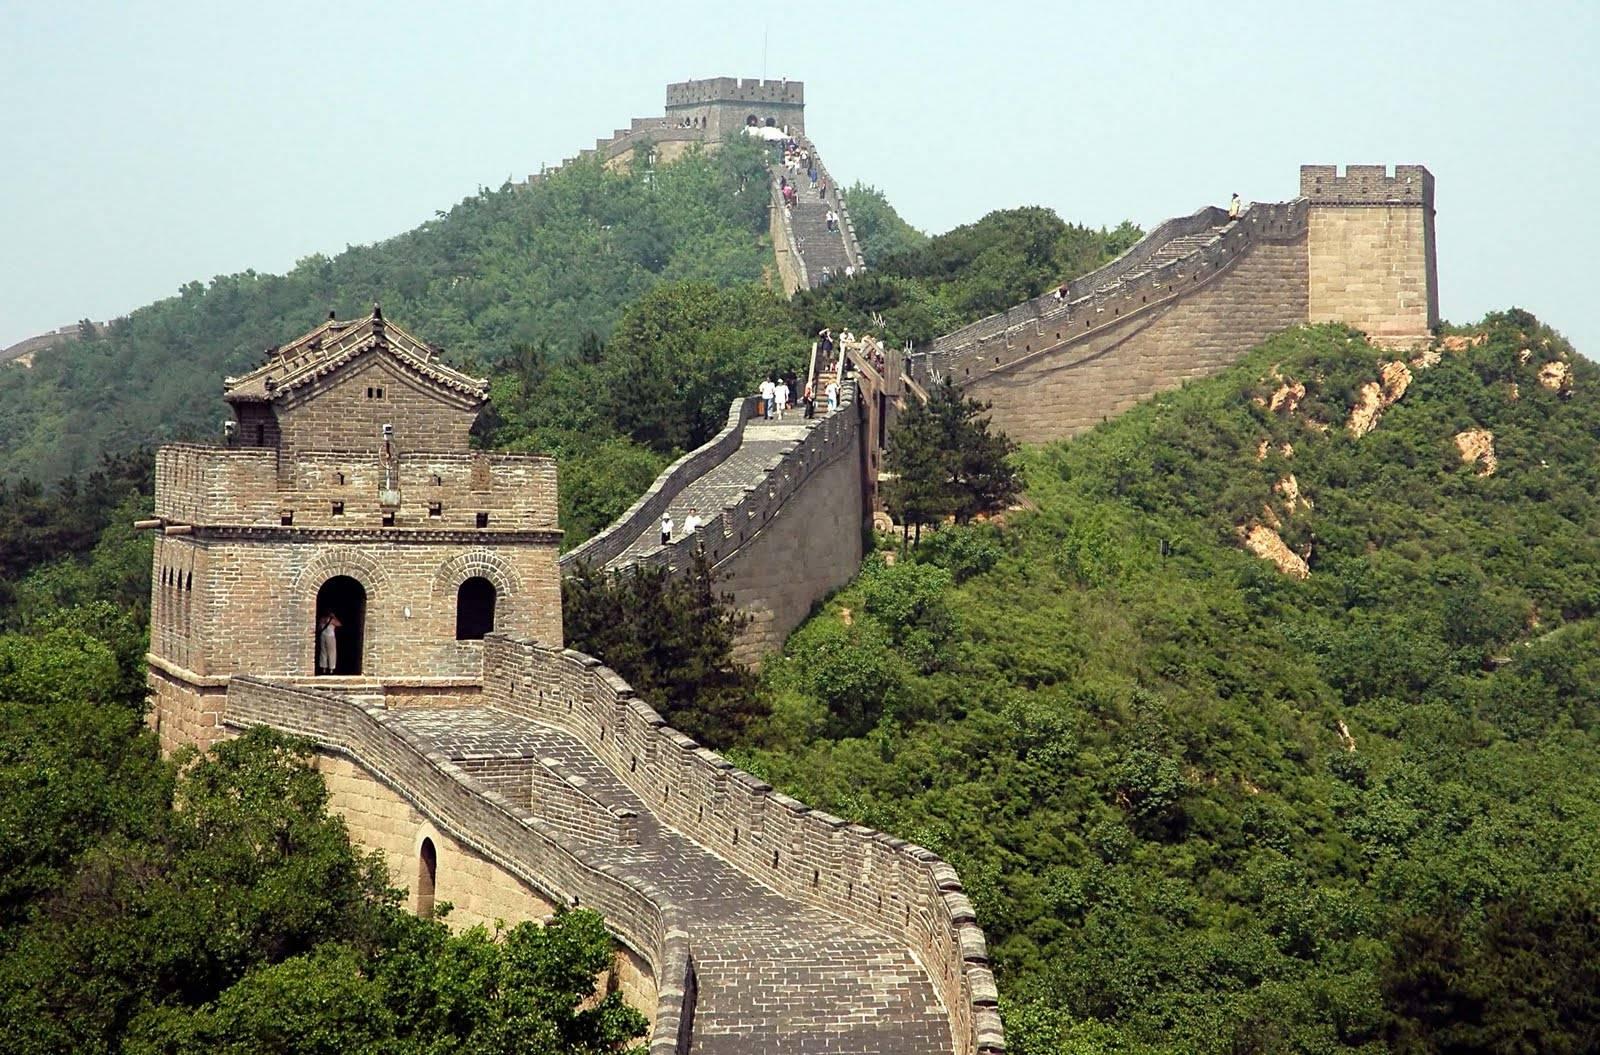 أشهر المعالم السياحية في العالم - سور الصين العظيم